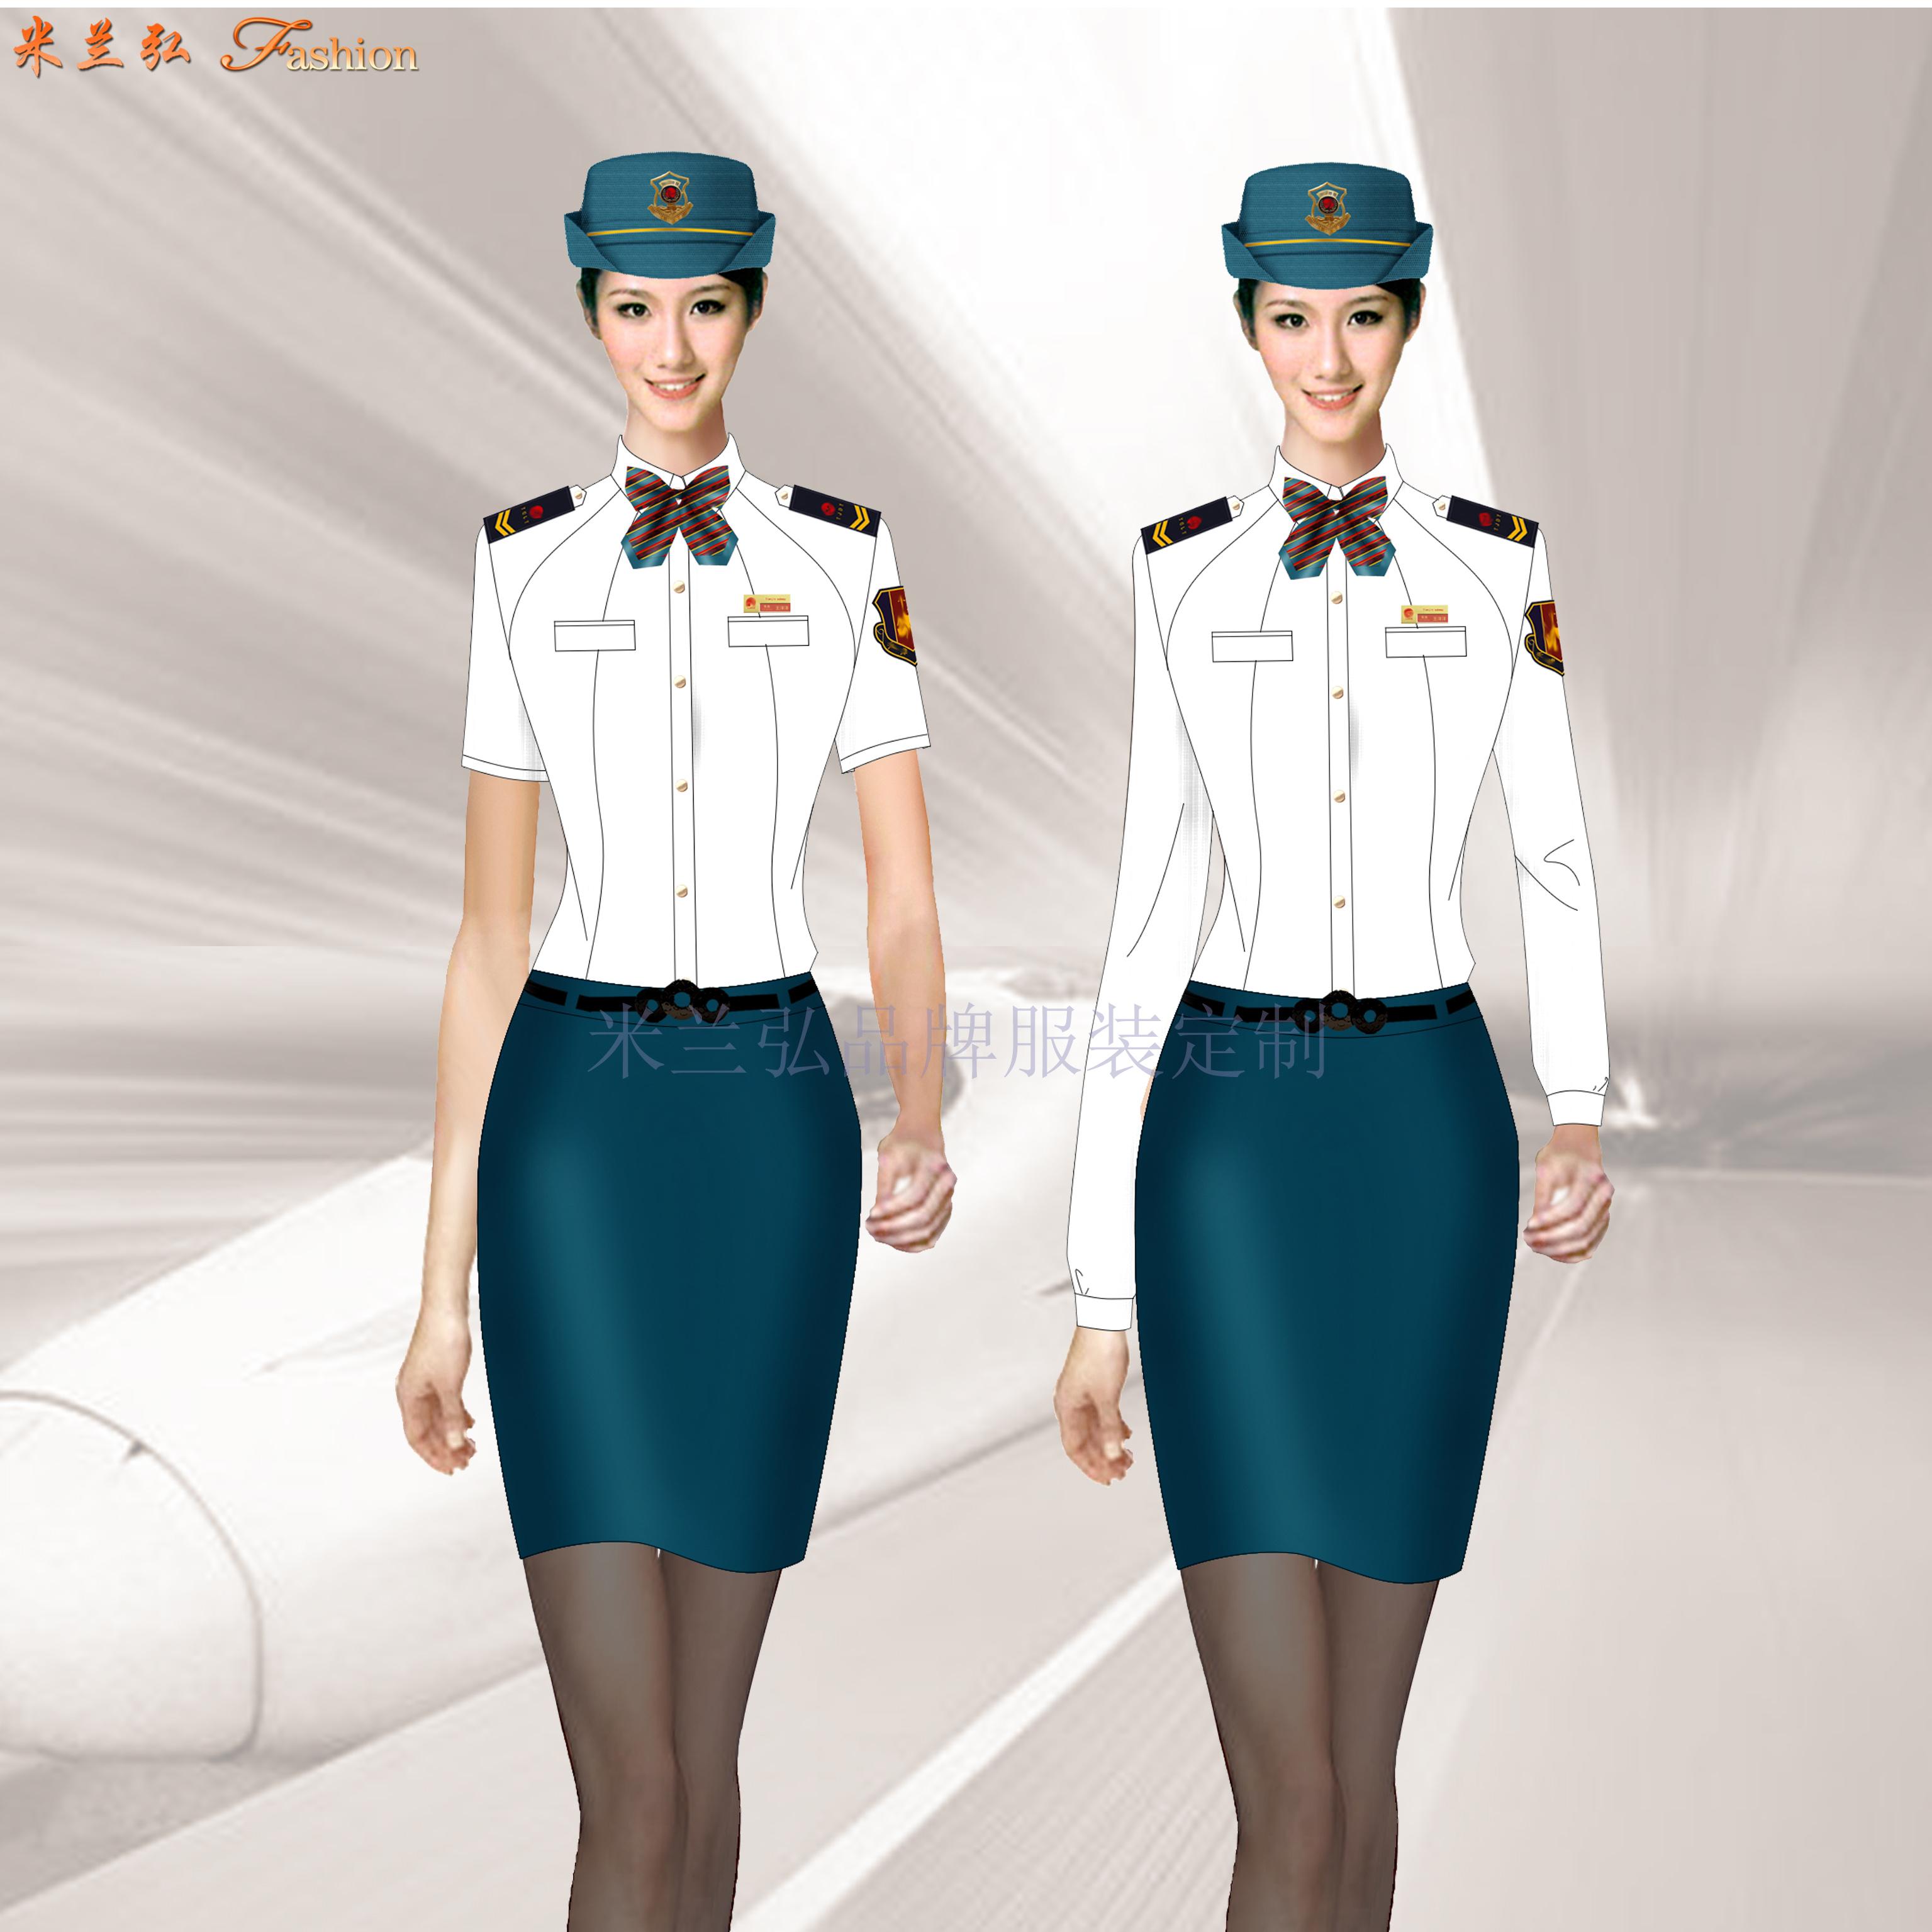 鐵路技術學校高鐵動車學生服裝定做廠家-米蘭弘服-5